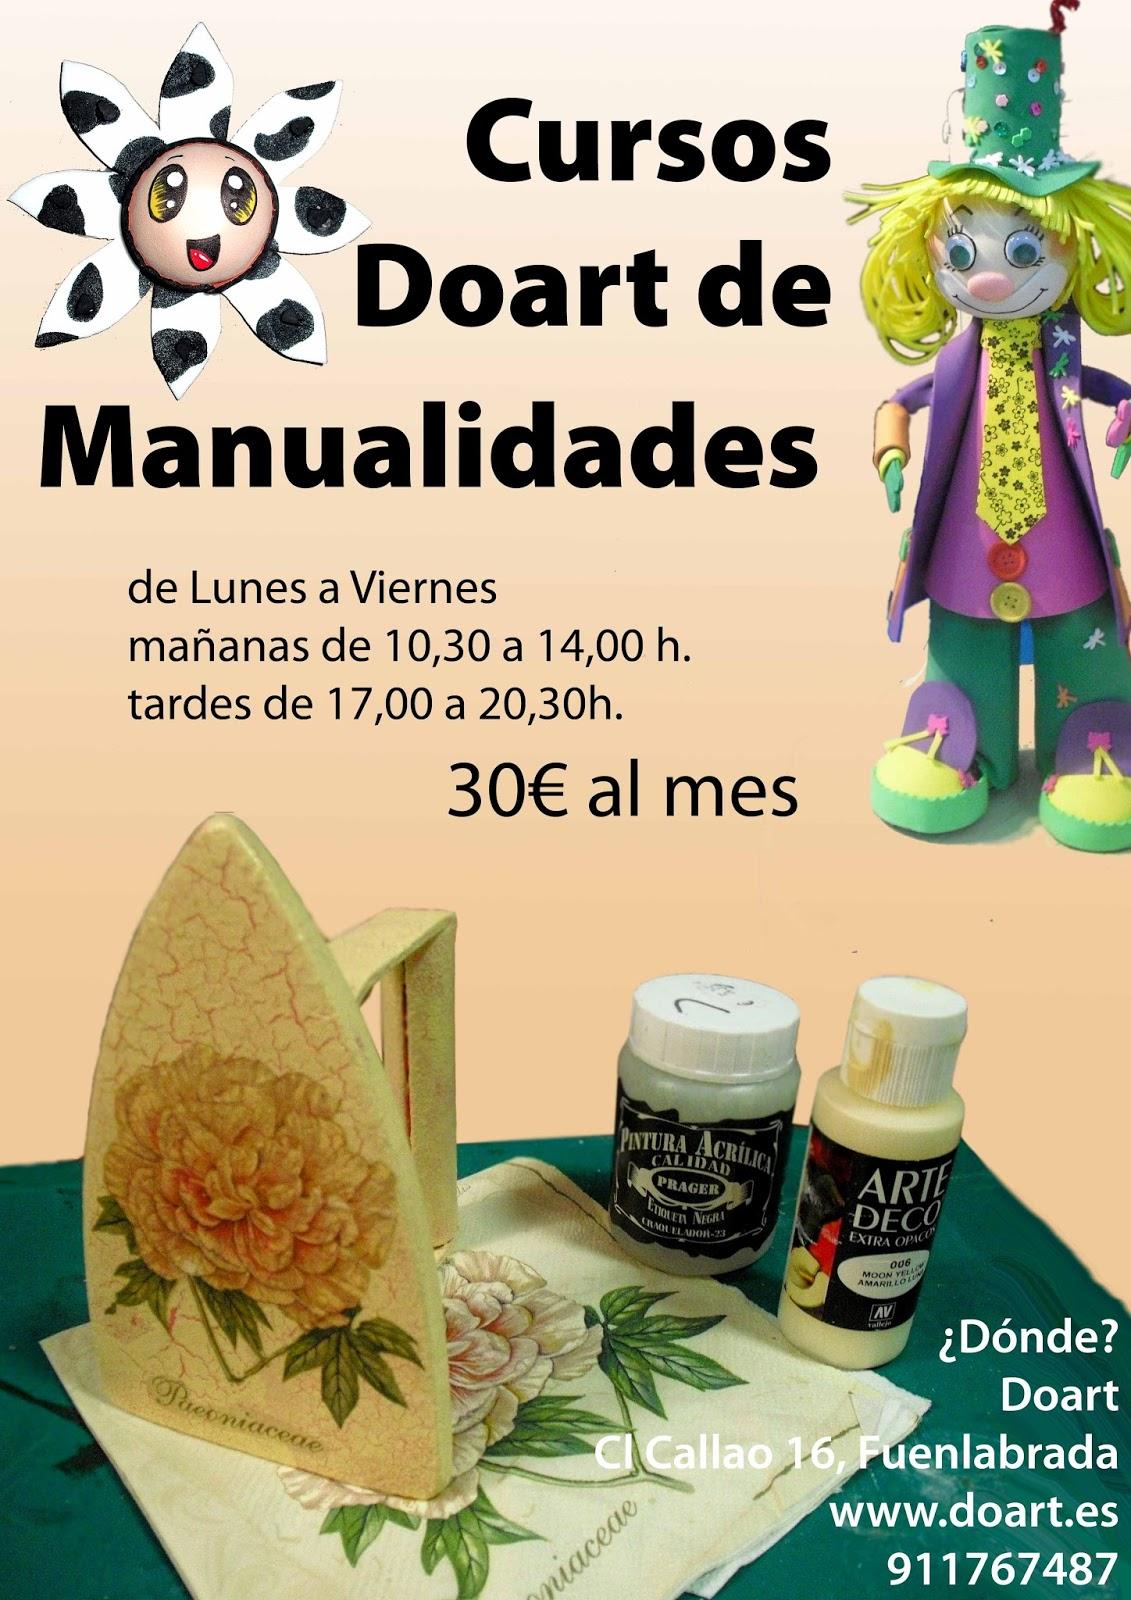 Curso de manualidades doart doart bellas artes y - Clases de manualidades en madrid ...